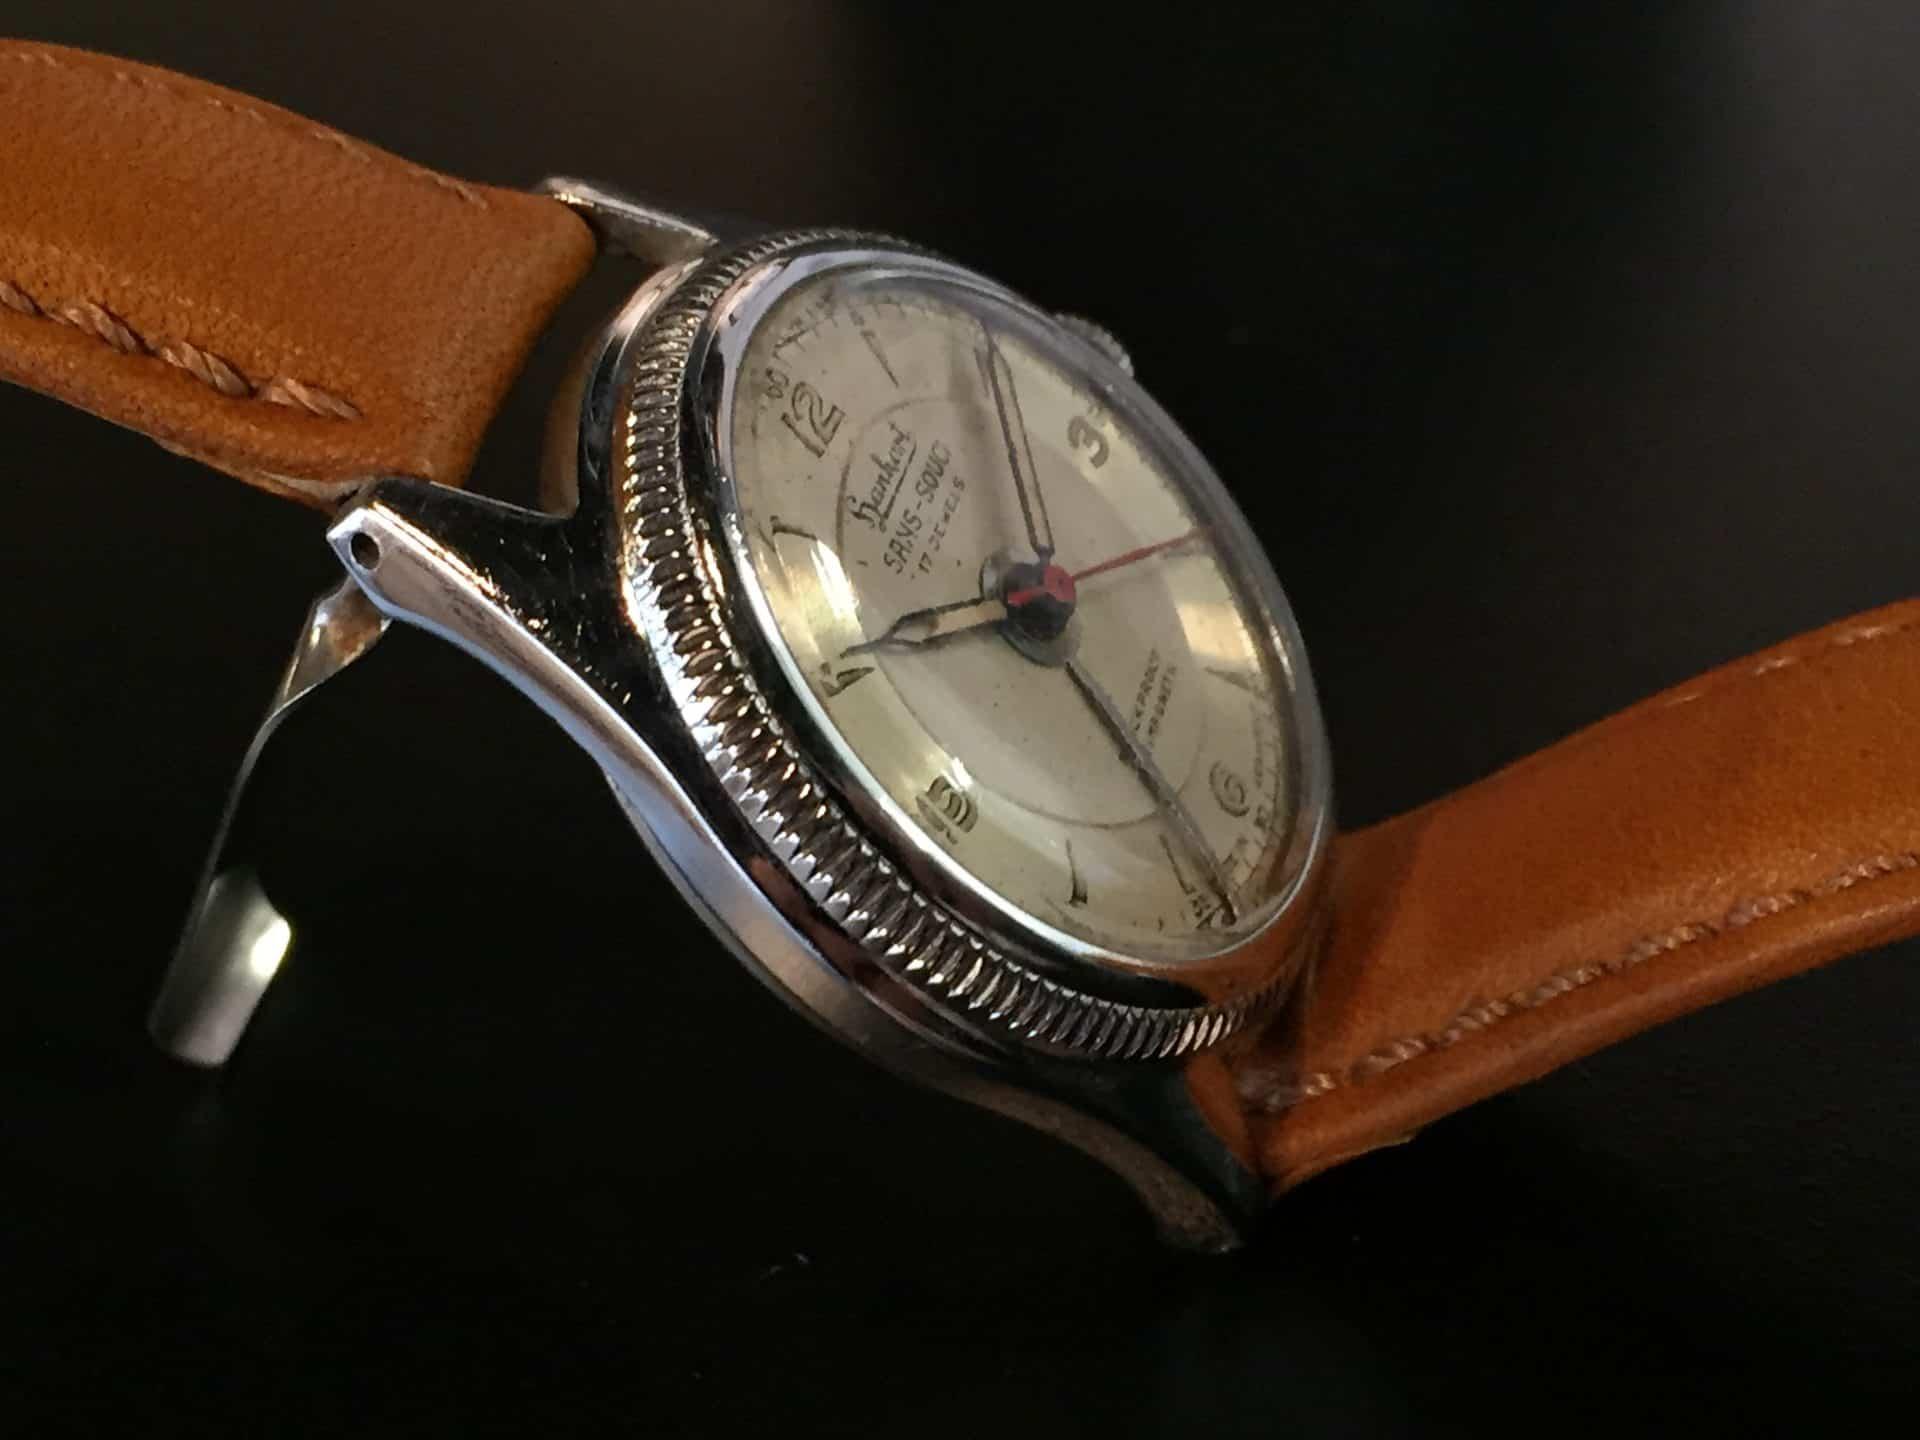 Klappmechanismus zur Verbesserung des Schalls beim Hanhart Sans-Souci Armbandwecker, 1951